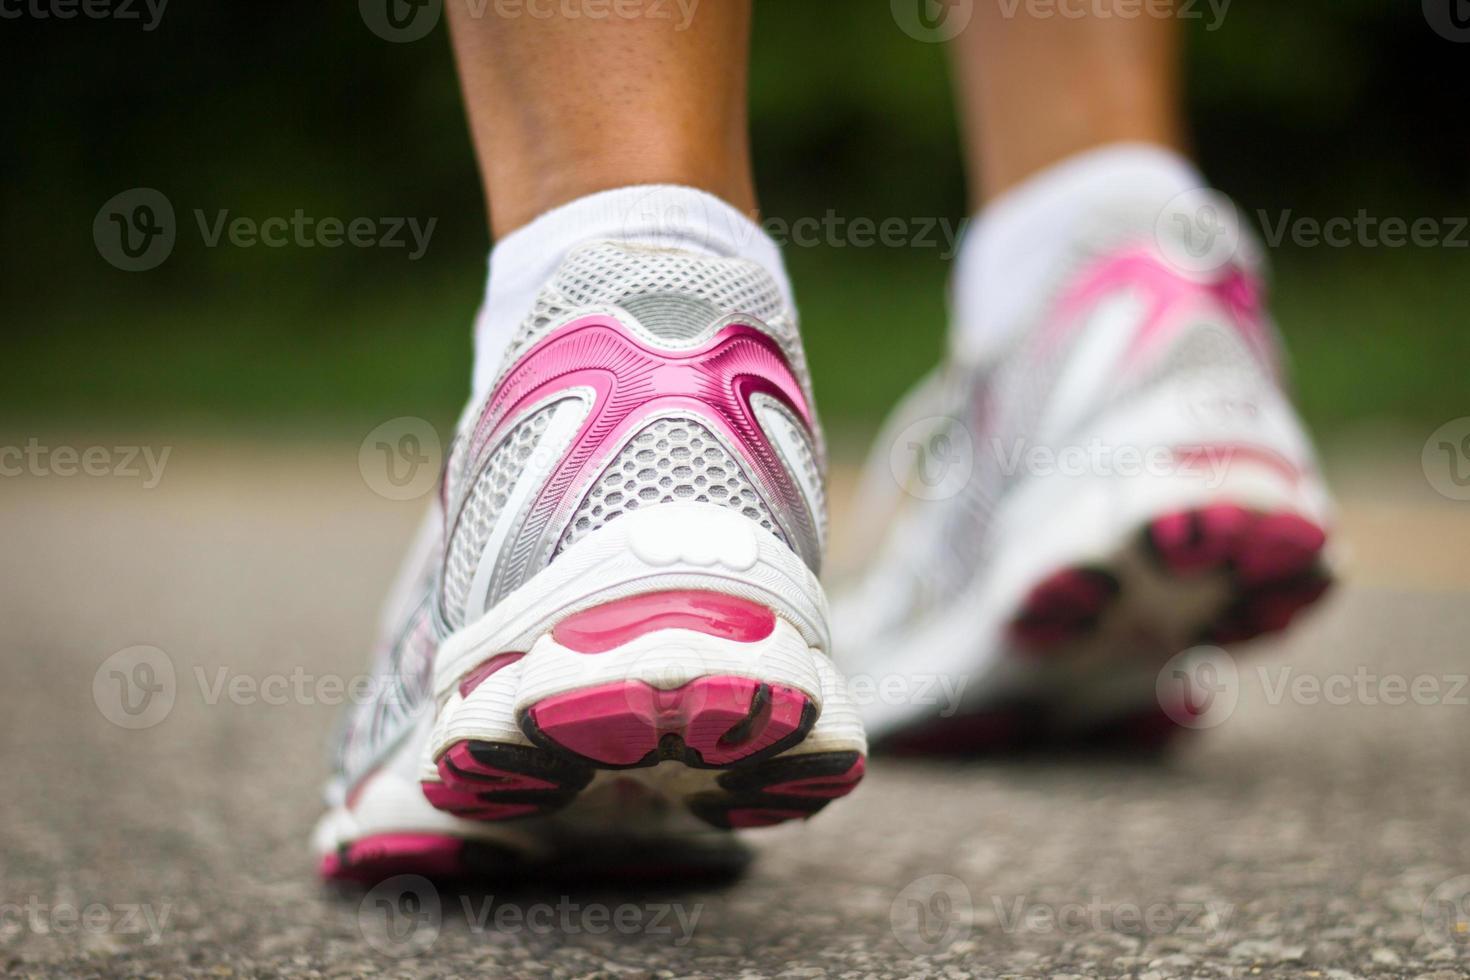 löpskor närbild av en kvinnlig löpare. foto